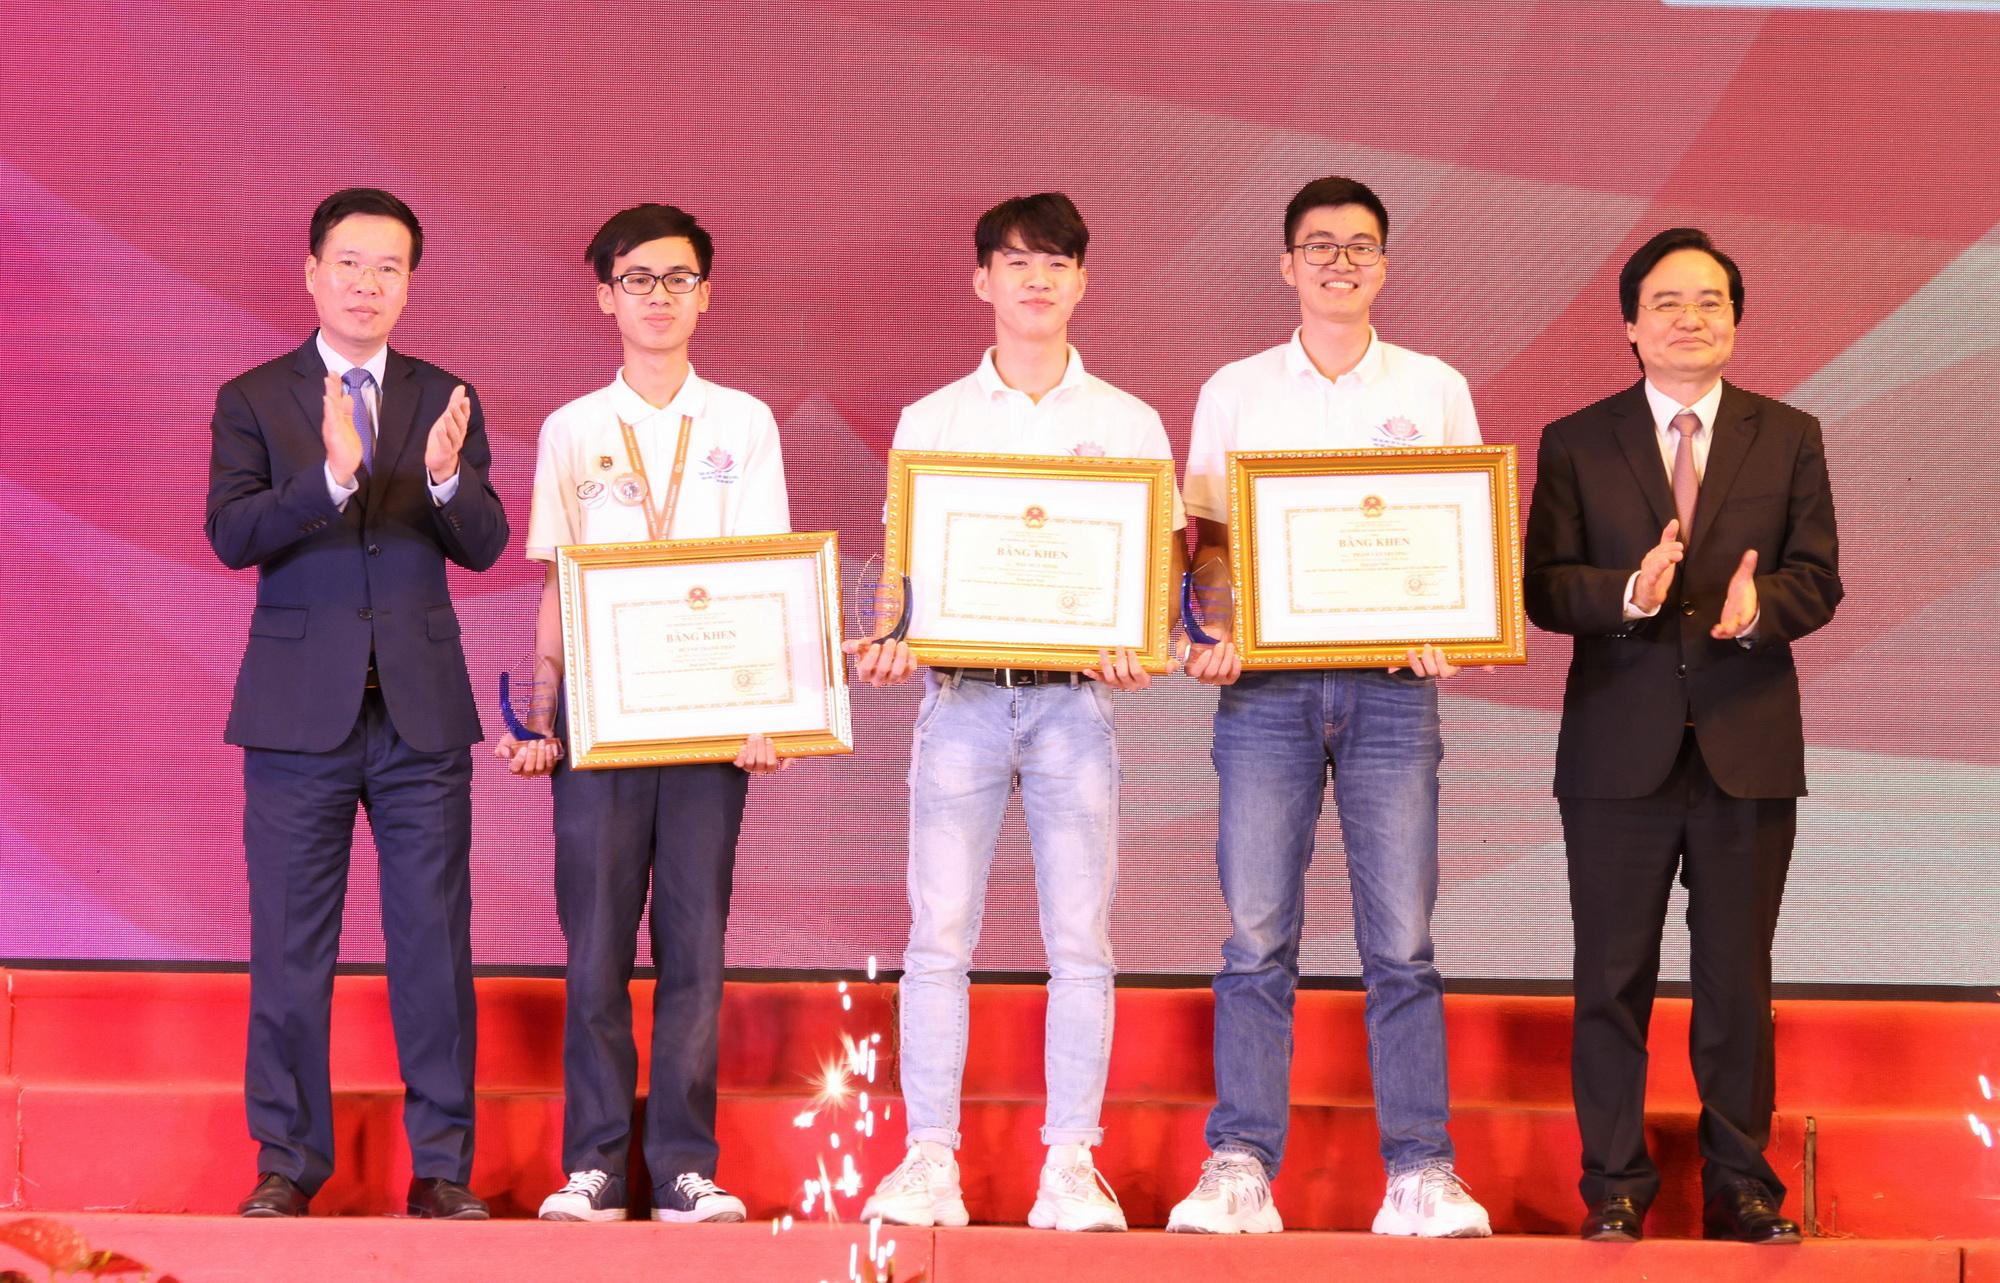 """Trao giải Cuộc thi """"Tuổi trẻ học tập và làm theo tư tưởng, đạo đức, phong cách Hồ Chí Minh"""""""